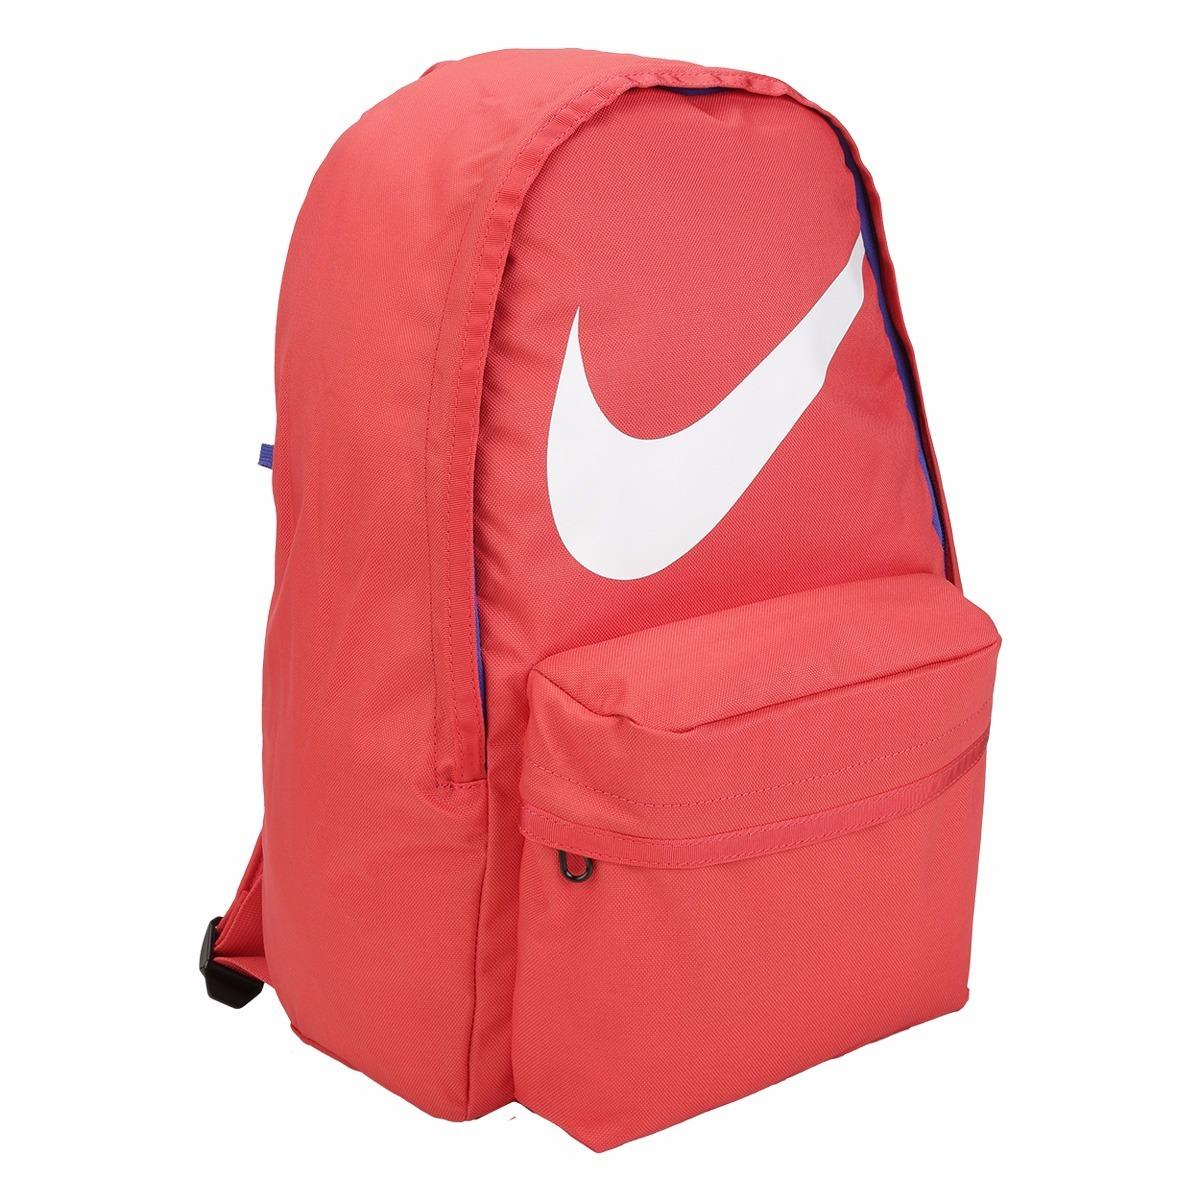 2b4e7e953 Mochila Nike Halfday Bts Com Estojo - Promoção - R$ 109,99 em ...